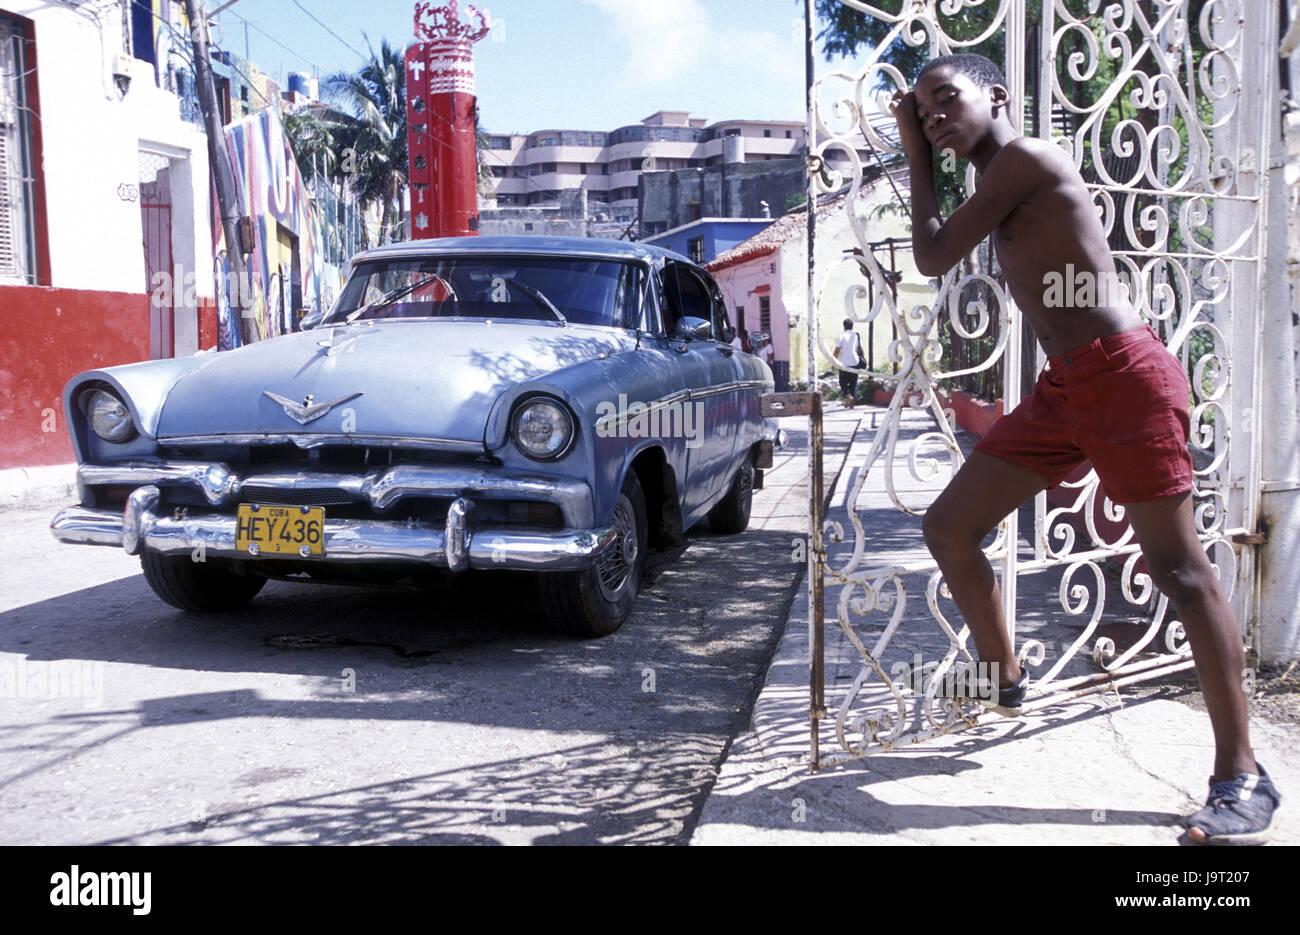 Cuba La Havane,,Center,Callejon de moutons,route,BOY,gate,ouvrir,attendez,l'ennui,modèle ne libération, Photo Stock